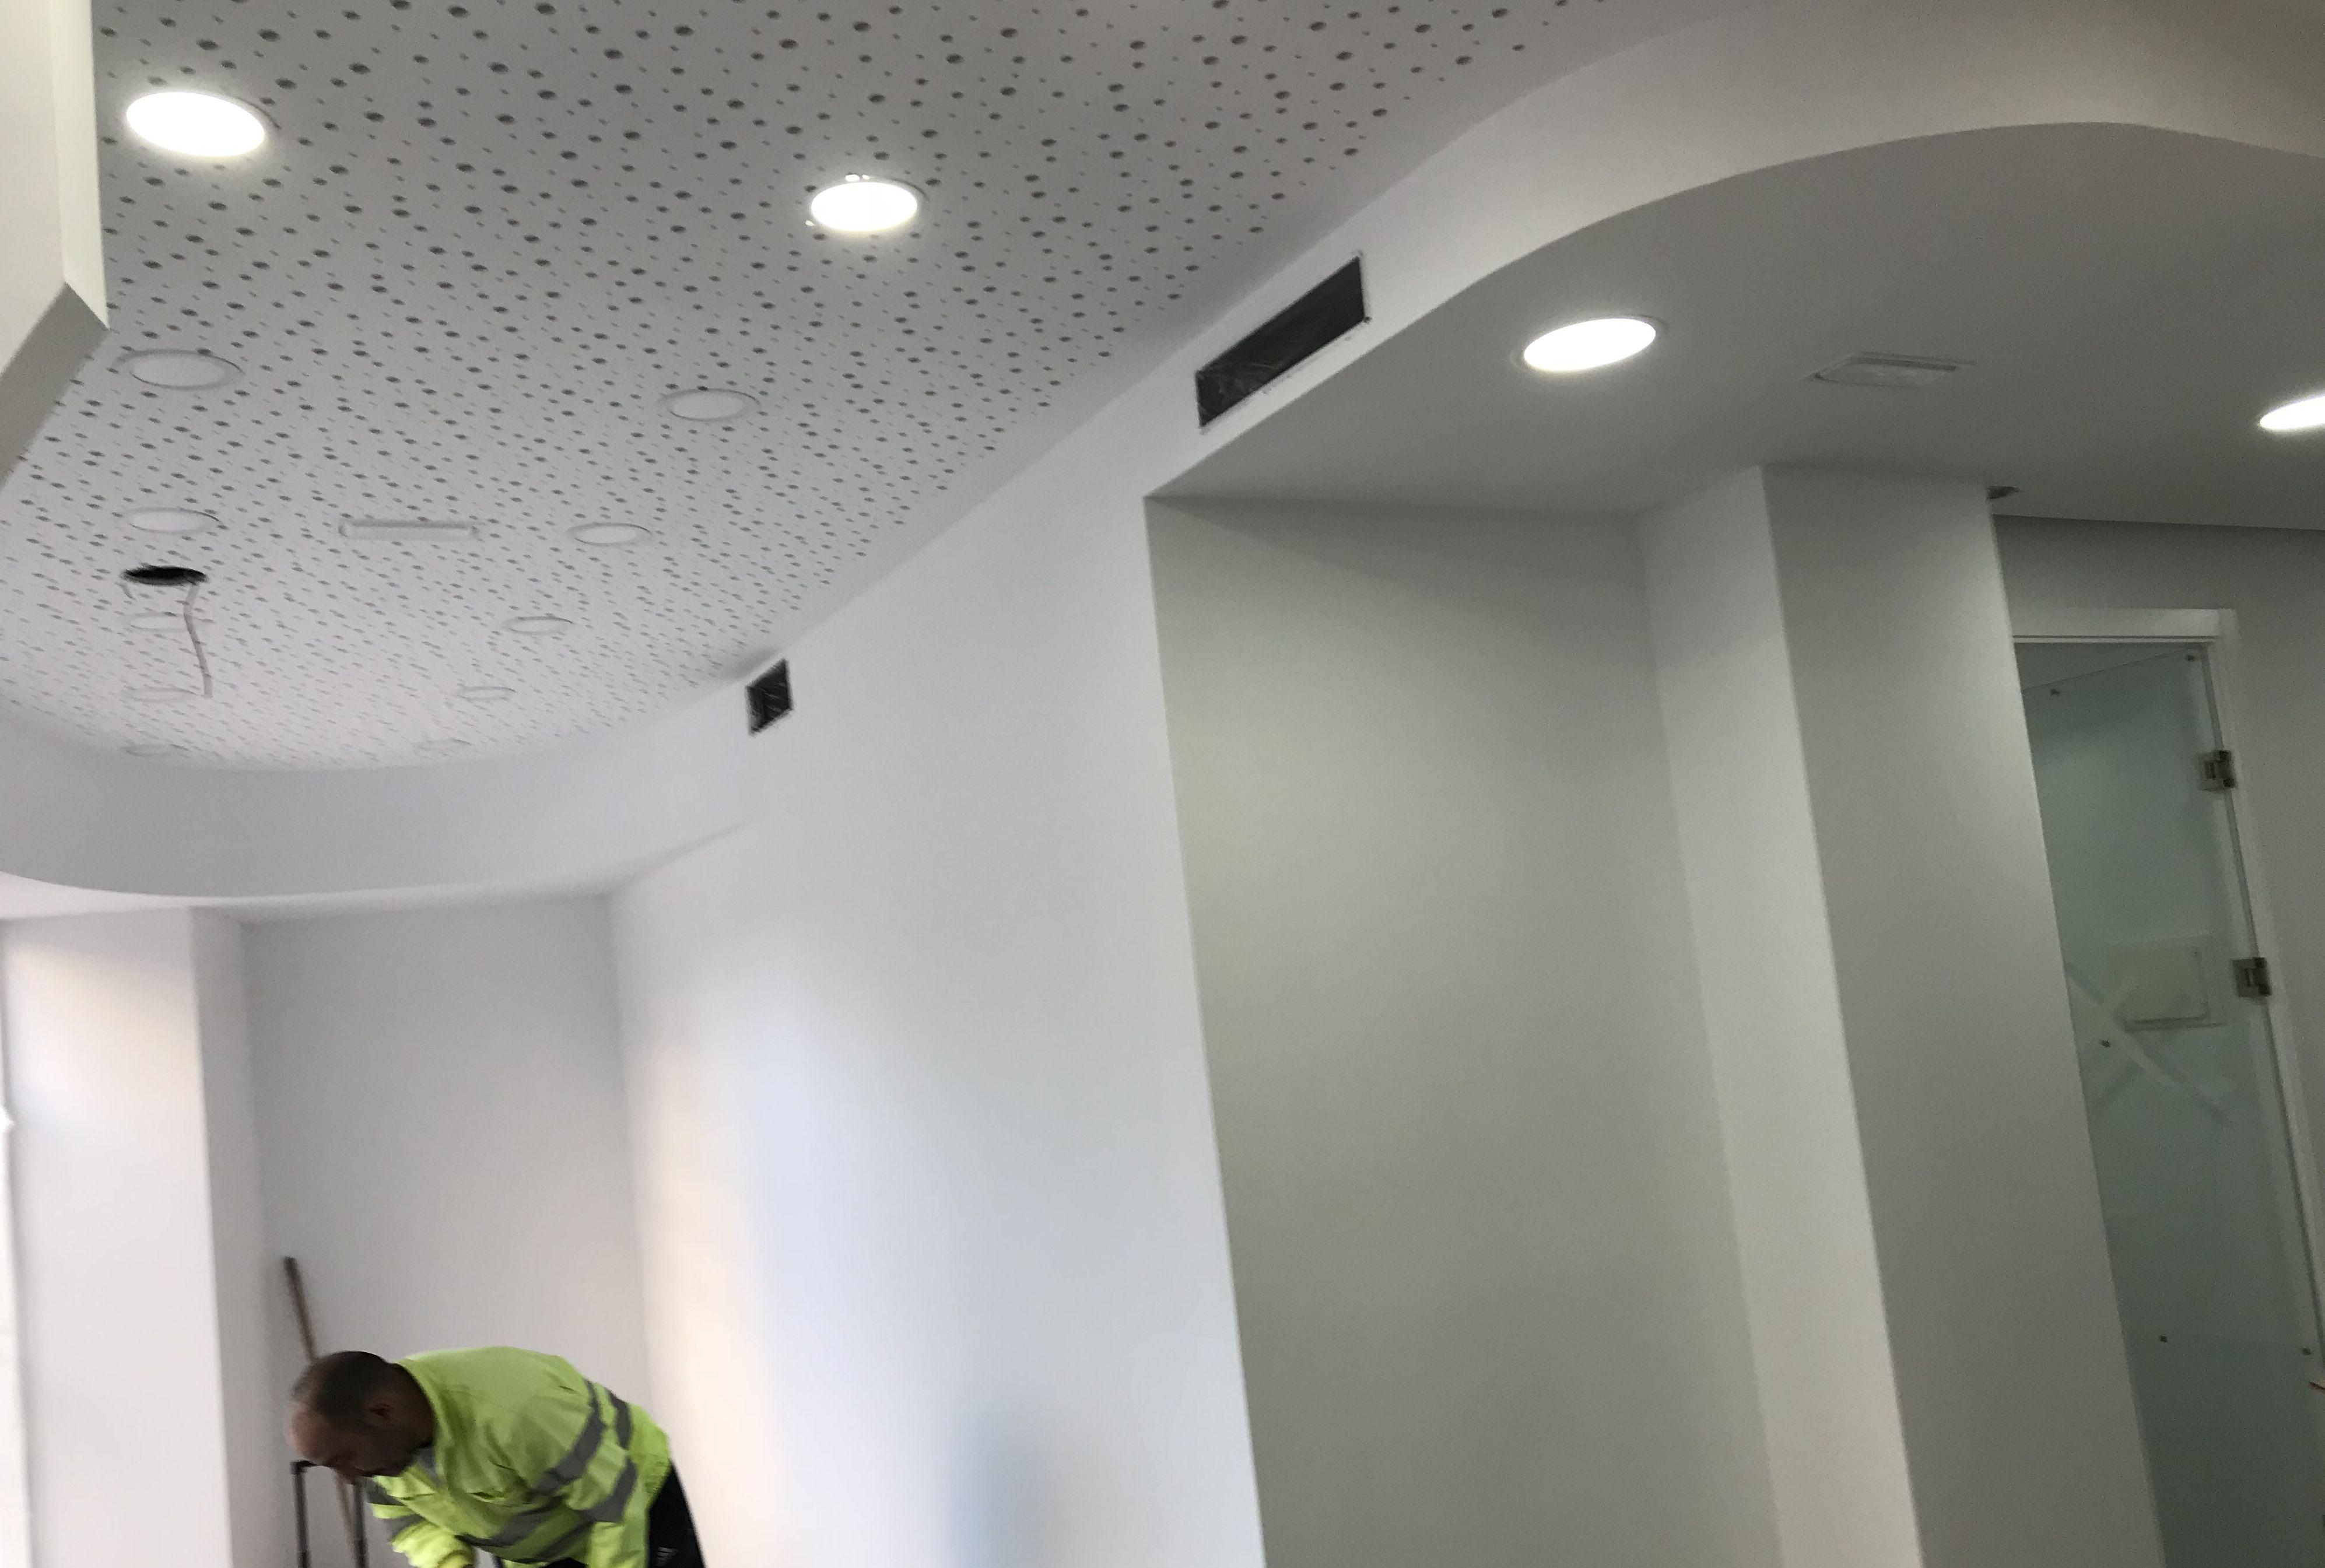 Foto 68 de Aislamientos acústicos y térmicos en Logroño | Rinso Montajes e Instalaciones, S.L.